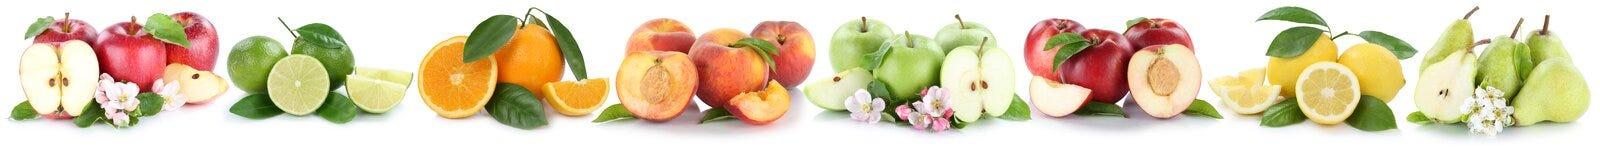 Frutifica das laranjas alaranjadas das maçãs da nectarina do limão da maçã o fruto fresco mim Fotos de Stock Royalty Free